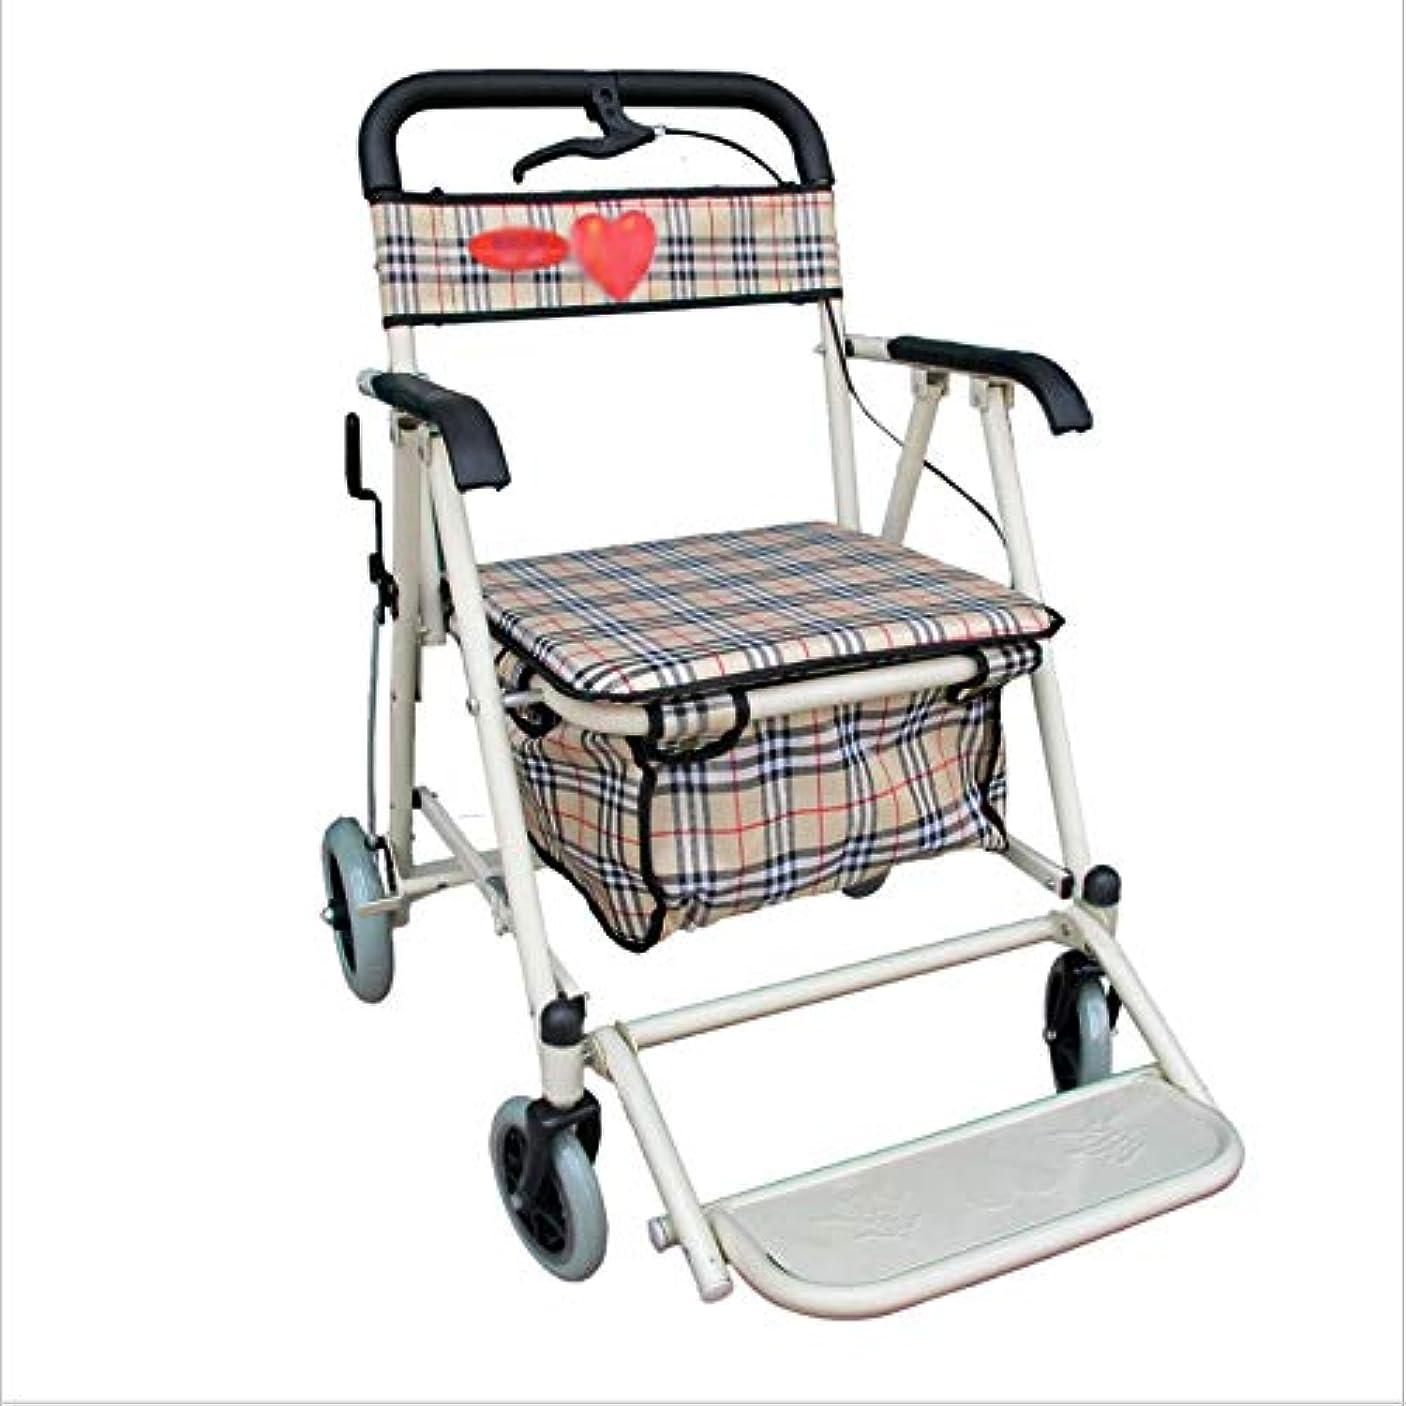 セブンについてガイド高齢者手押しショッピングカート、アルミウォーカー、滑り止めウォーカー4本足杖屋外バスルーム使用不可 (Color : Multi-colored)